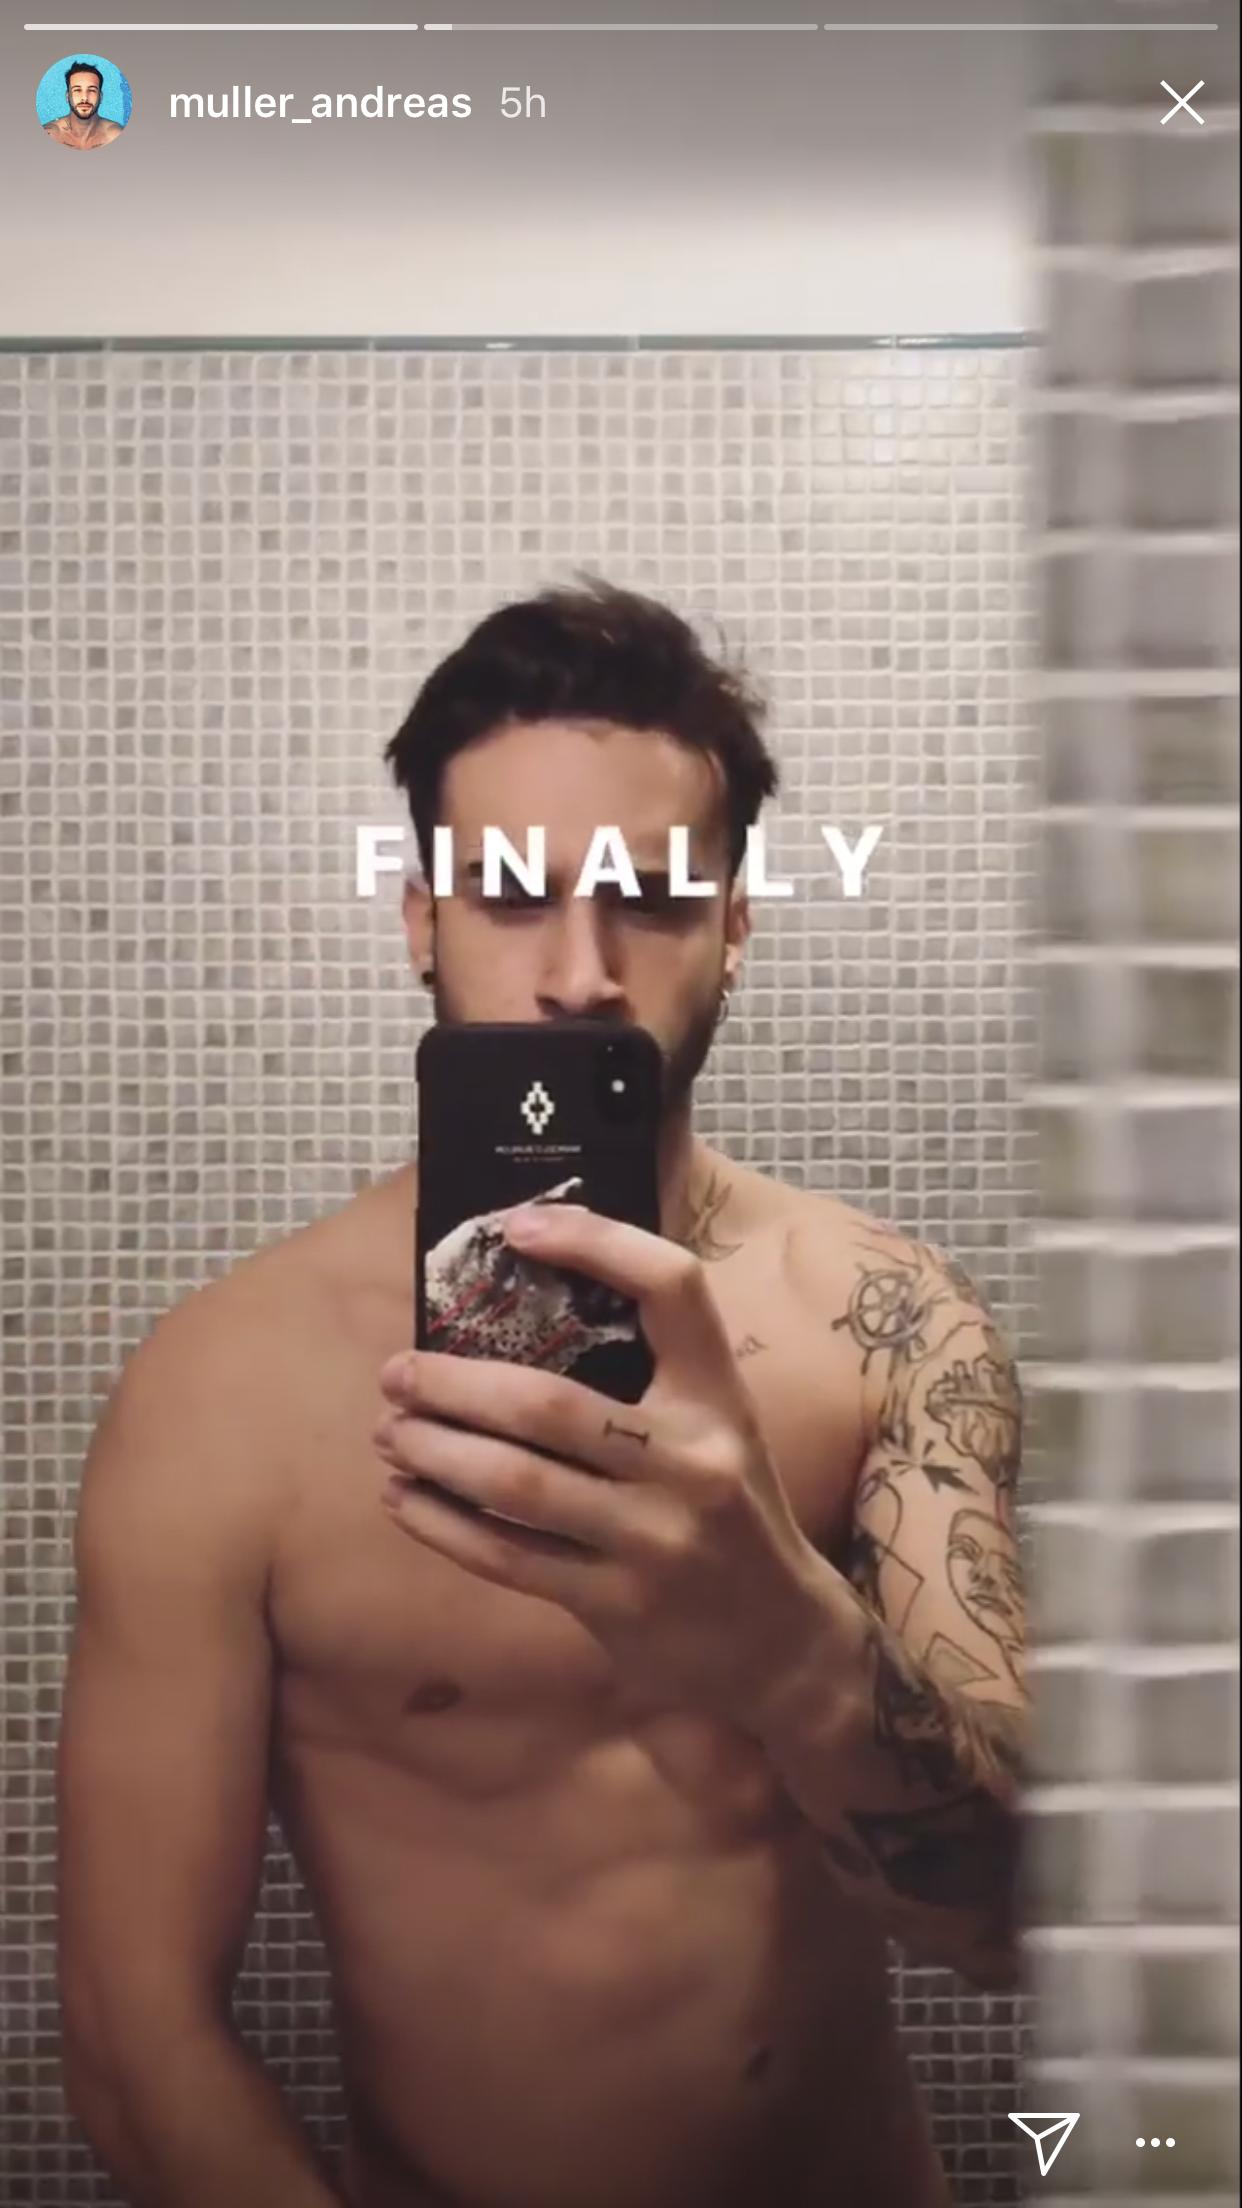 Andreas Muller di Amici, è doccia Instagram – le foto